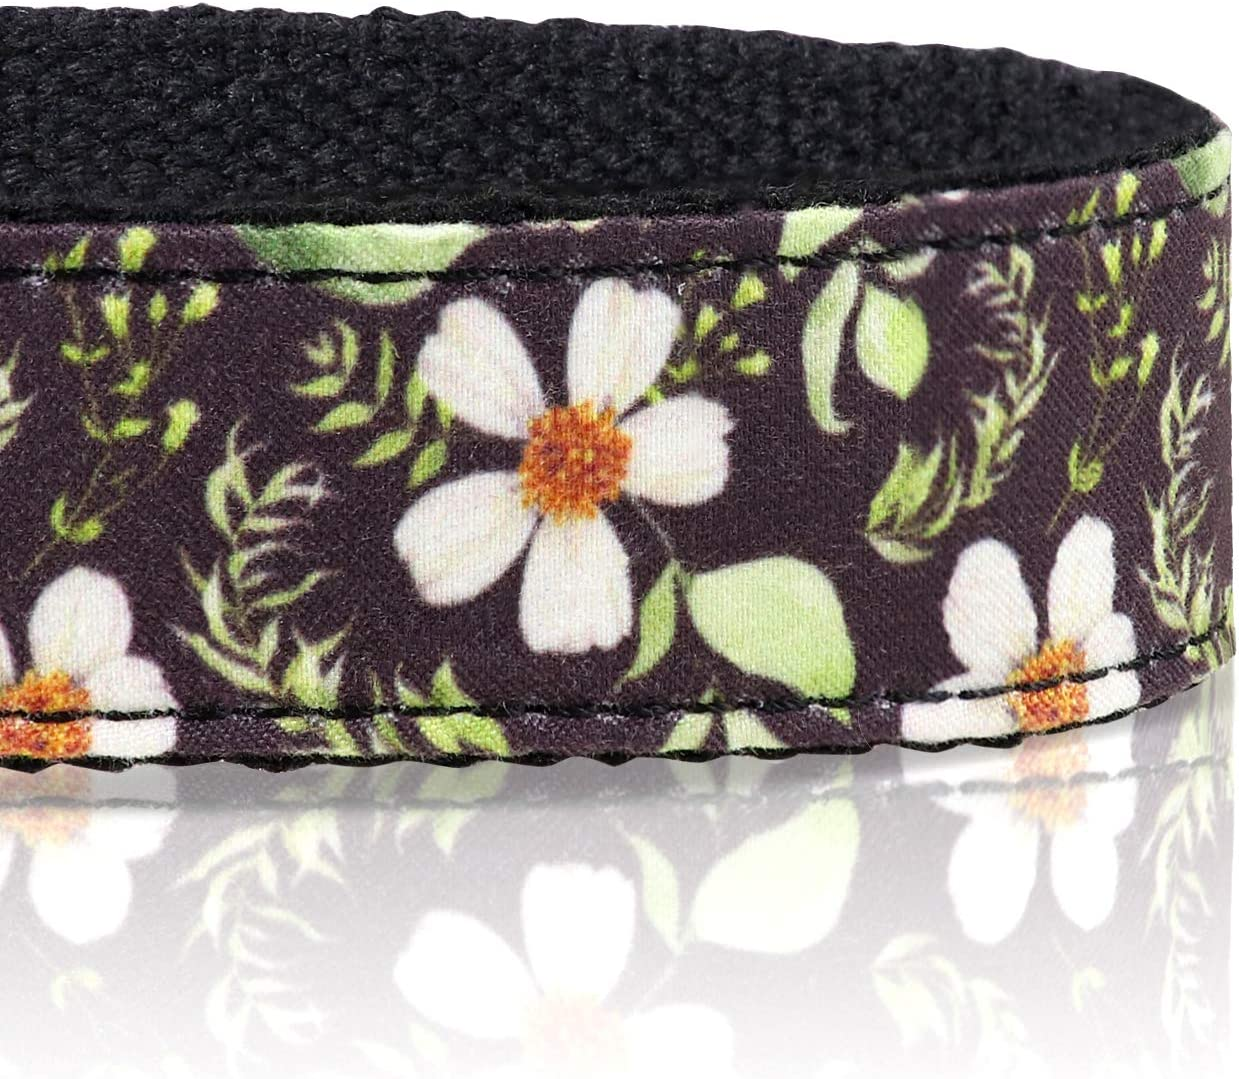 Taglory Verstellbares Hundehalsband,Weich /& Komfort Hunde Halsband f/ür Kleine Mittlere und Gro/ße Hunde